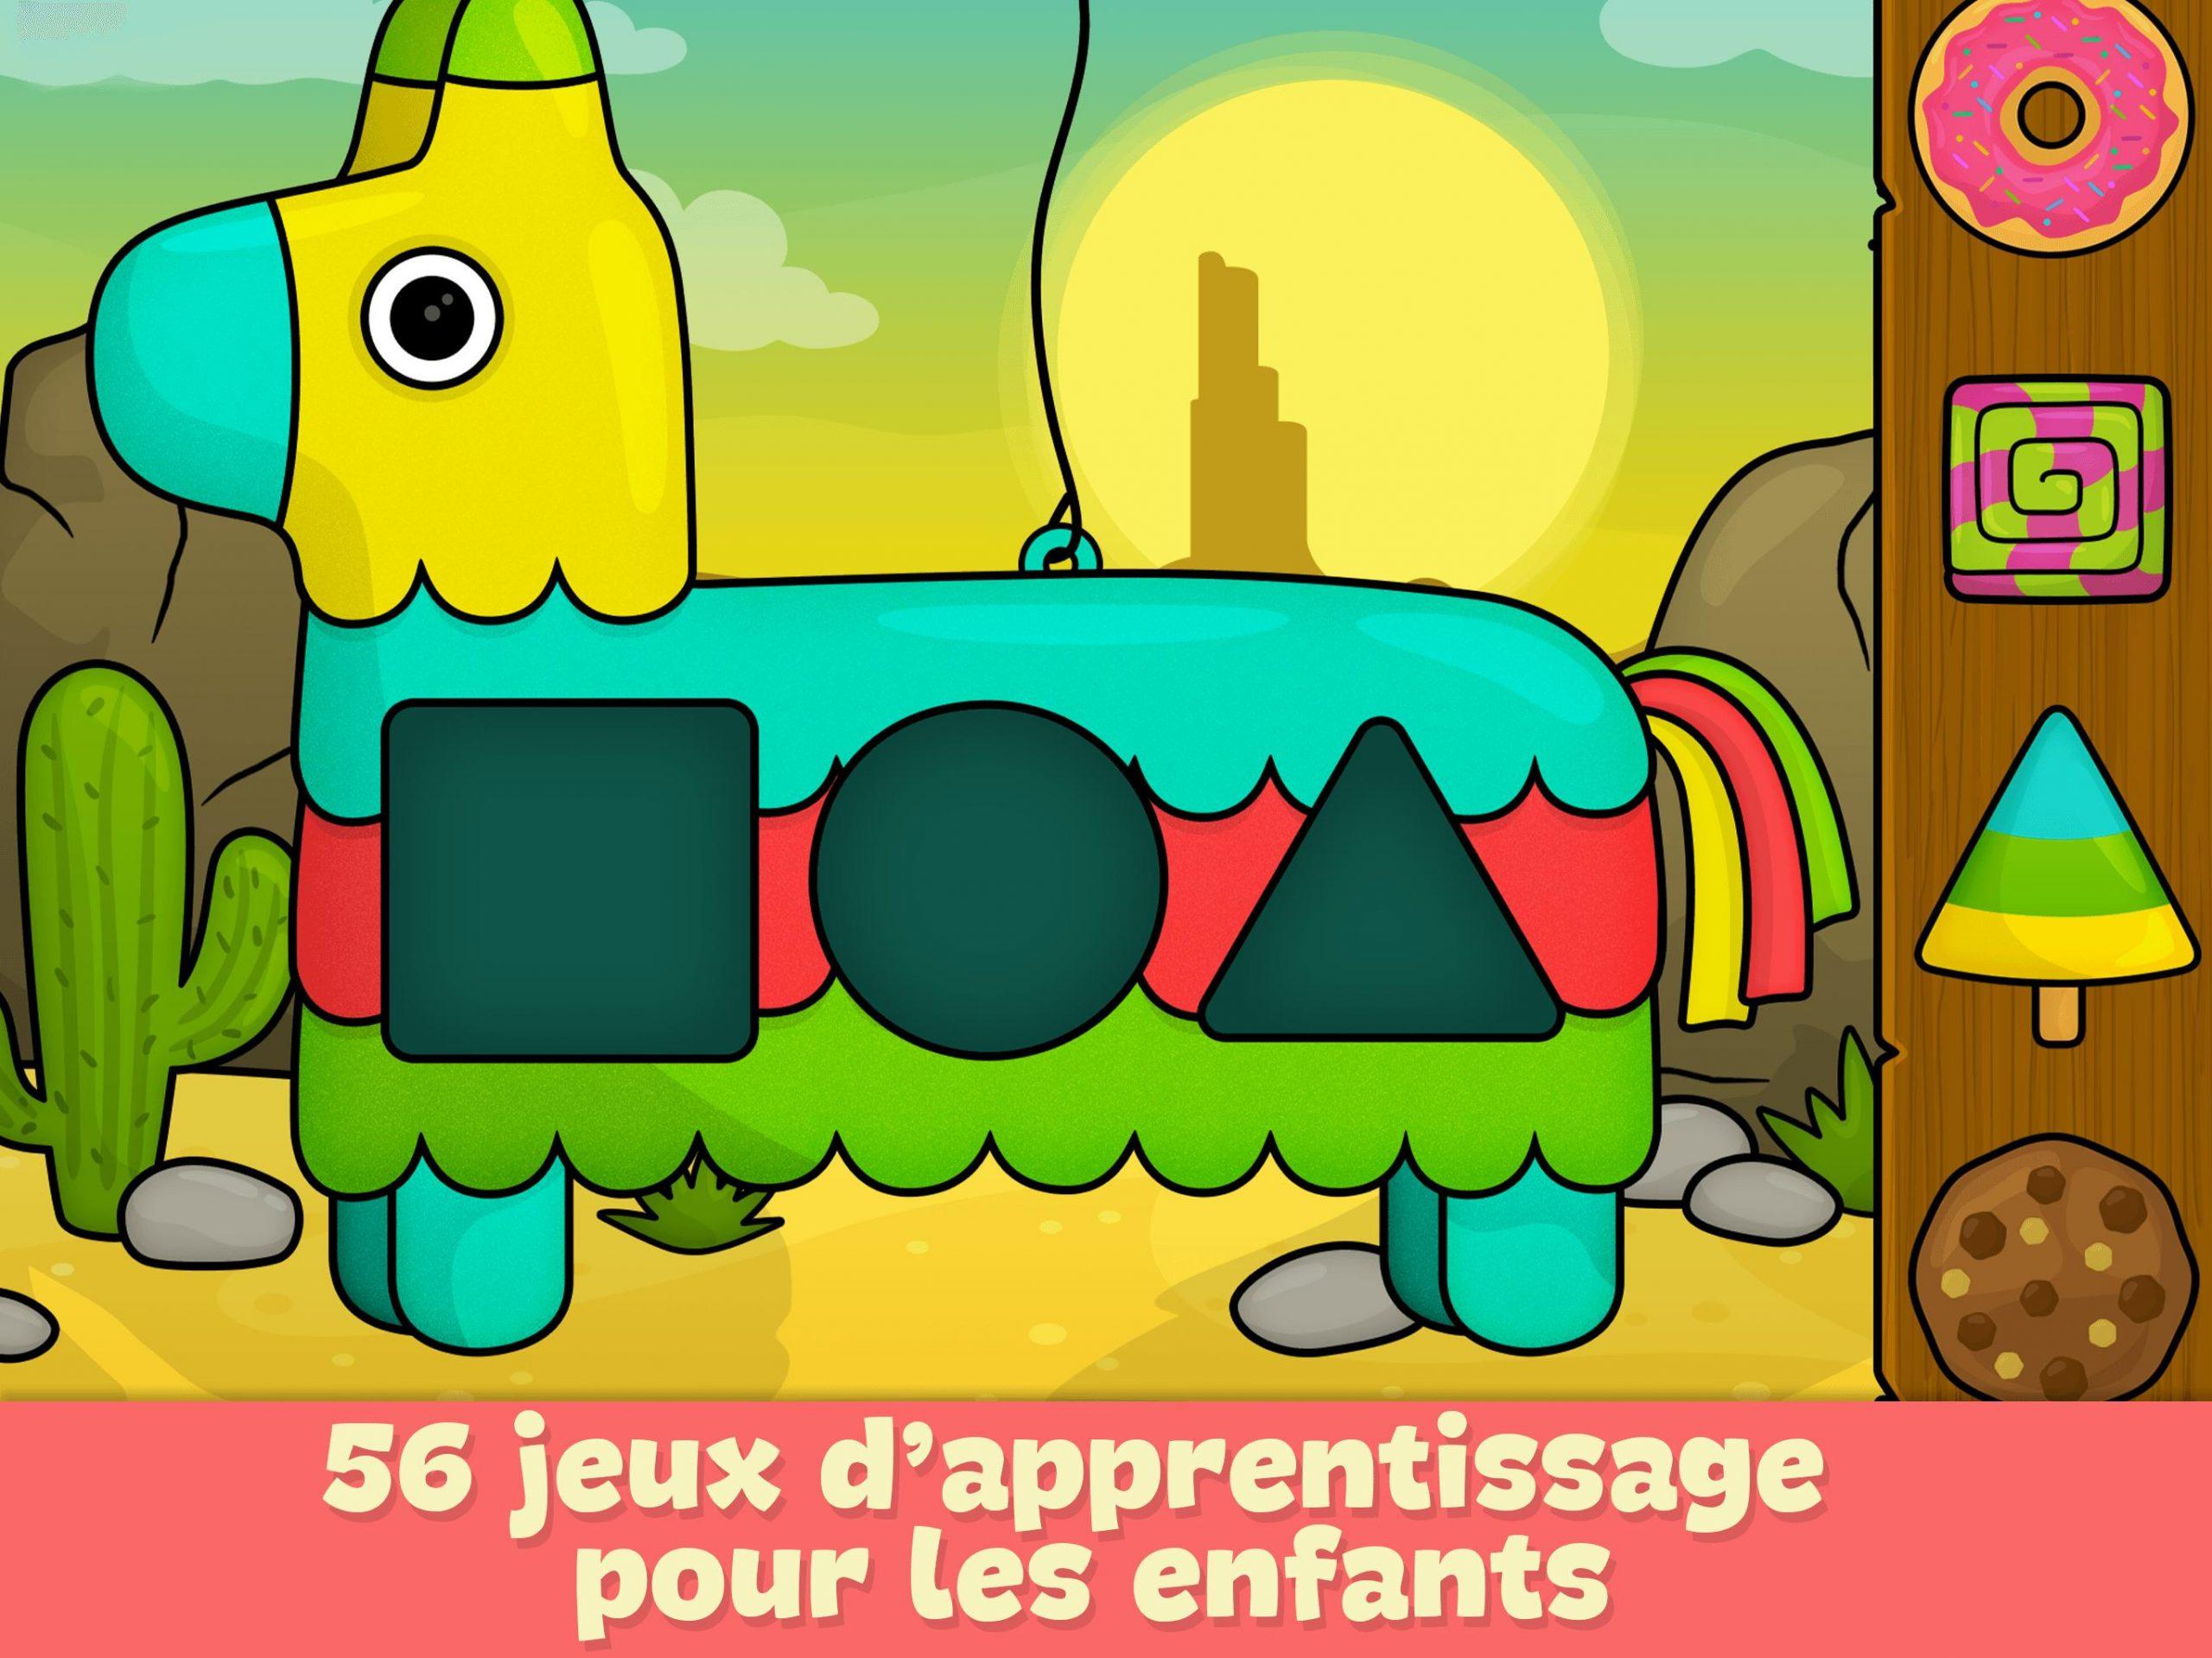 Jeux Pour Enfants 2 - 5 Ans Pour Android - Téléchargez L'apk concernant Jeux Fille 5 Ans Gratuit